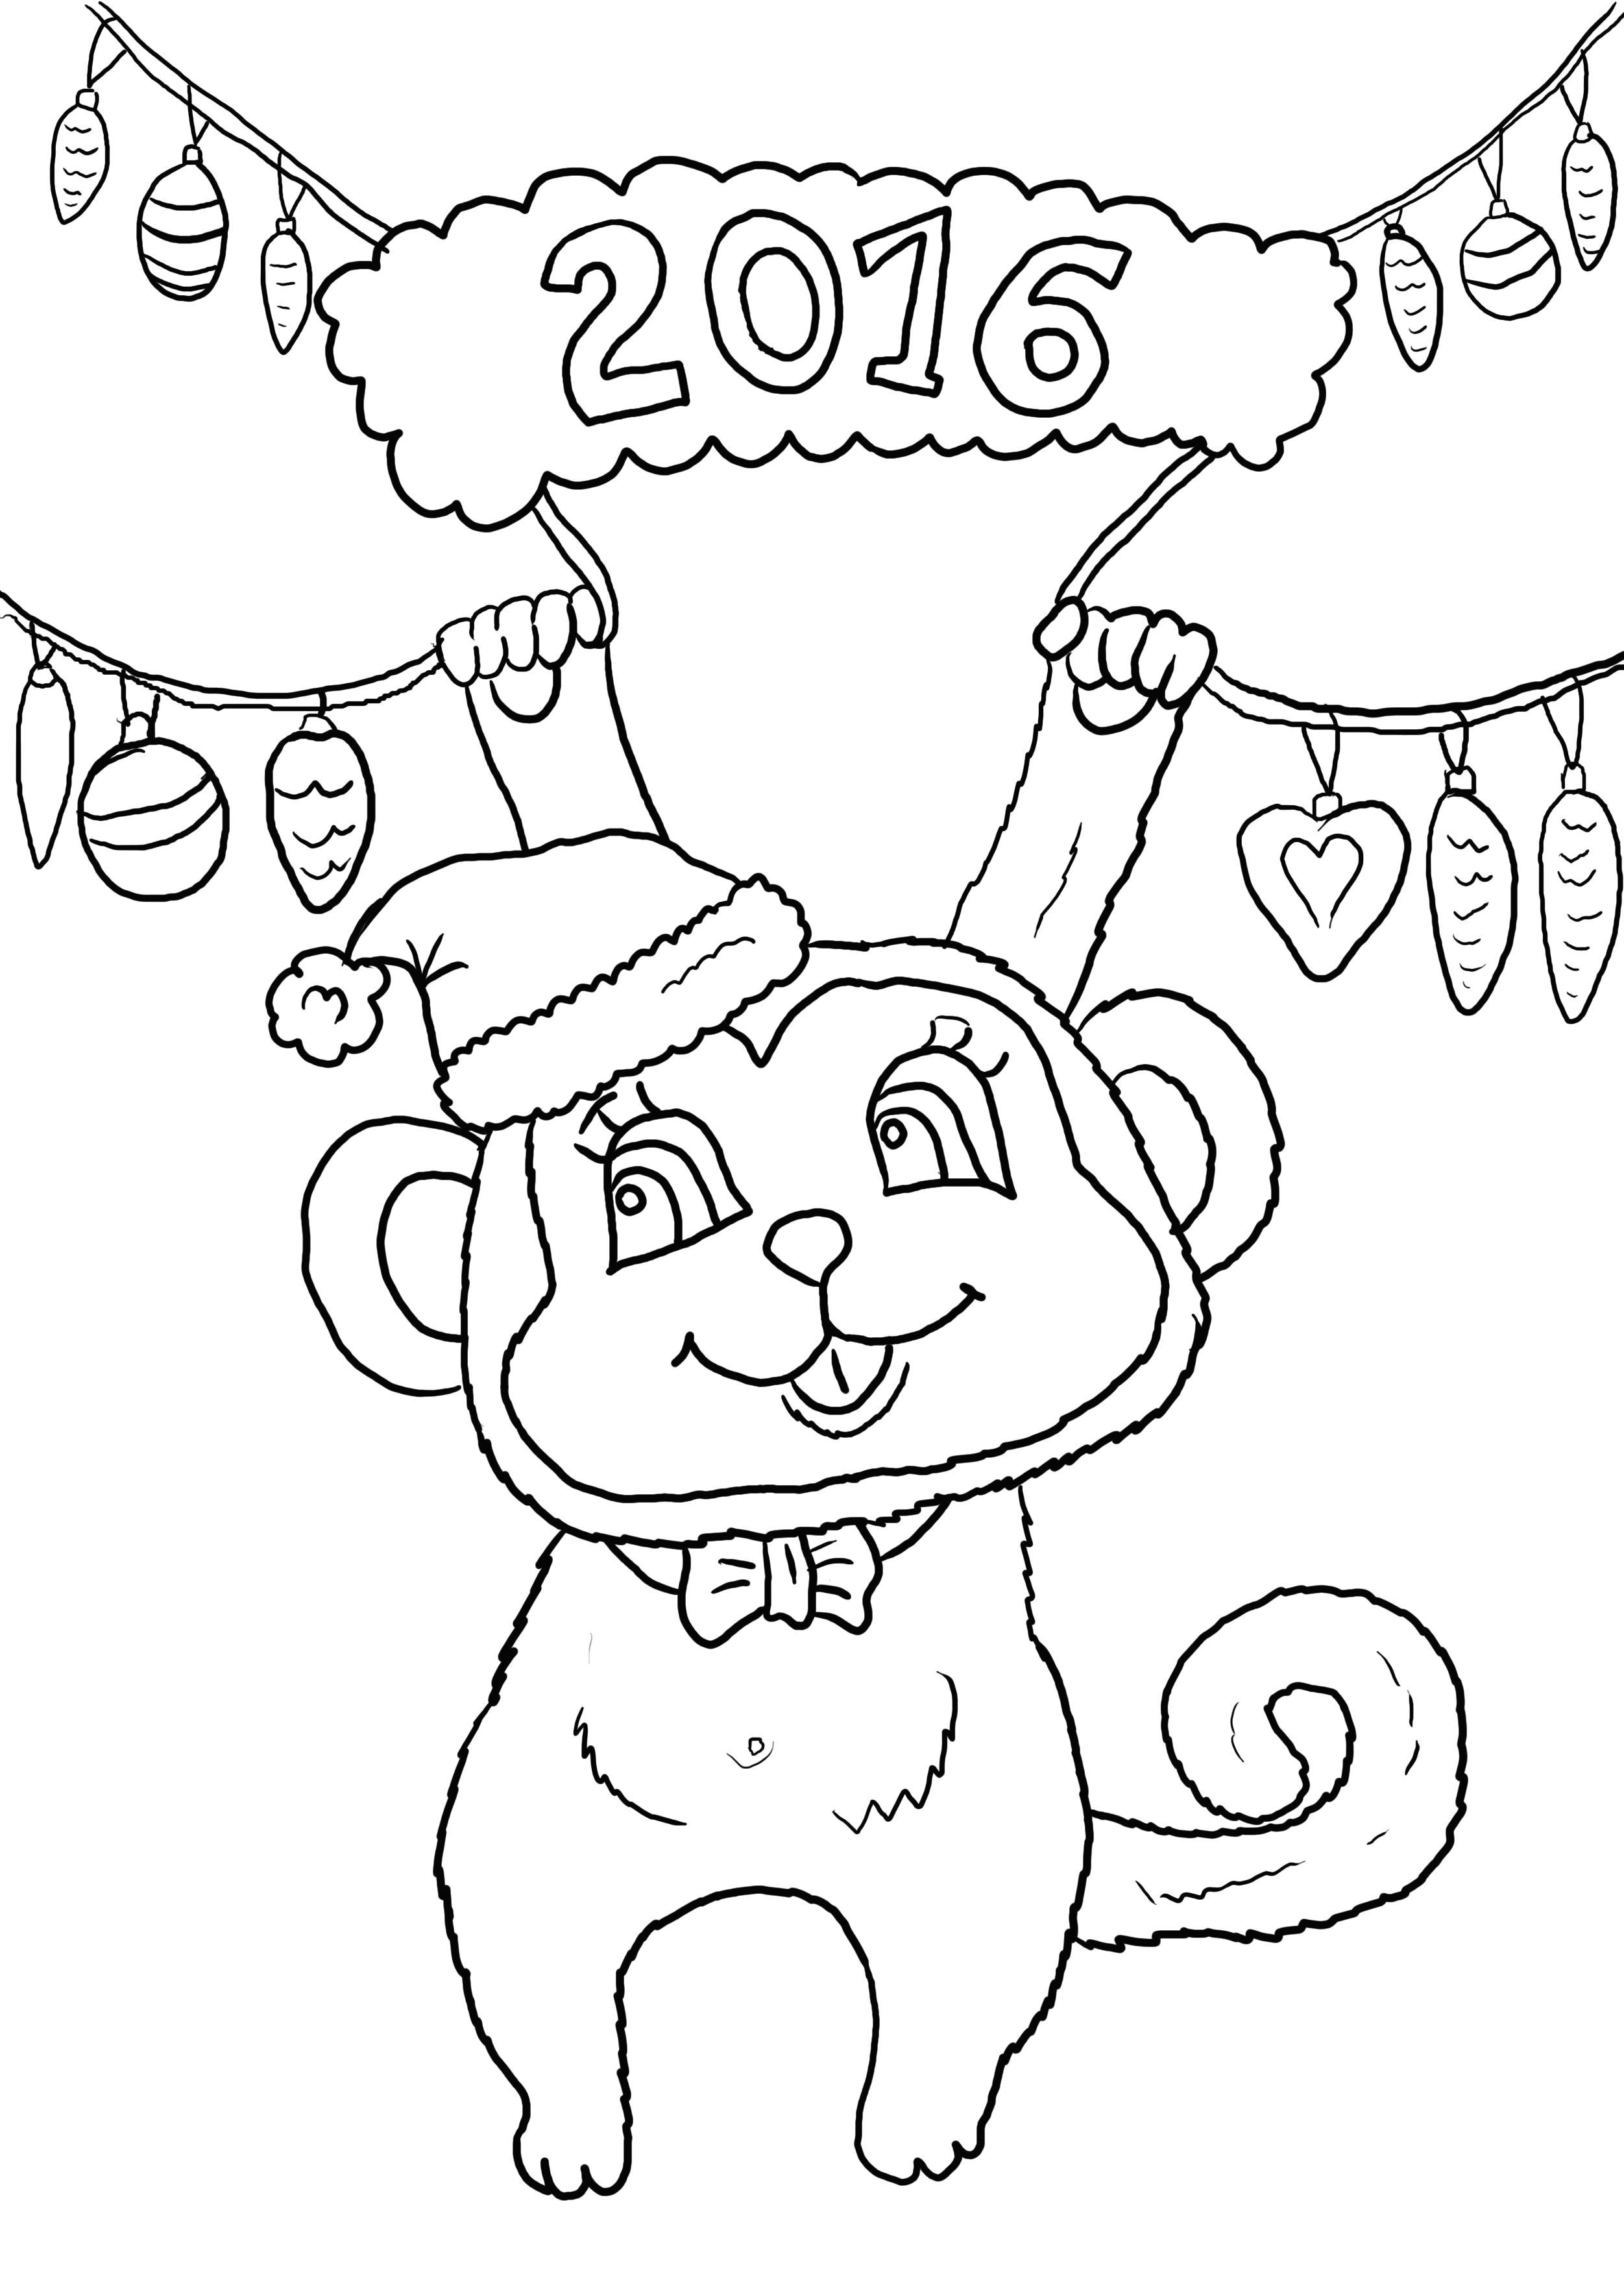 Раскраска год обезьяны, новый год. Скачать новогодние.  Распечатать новогодние